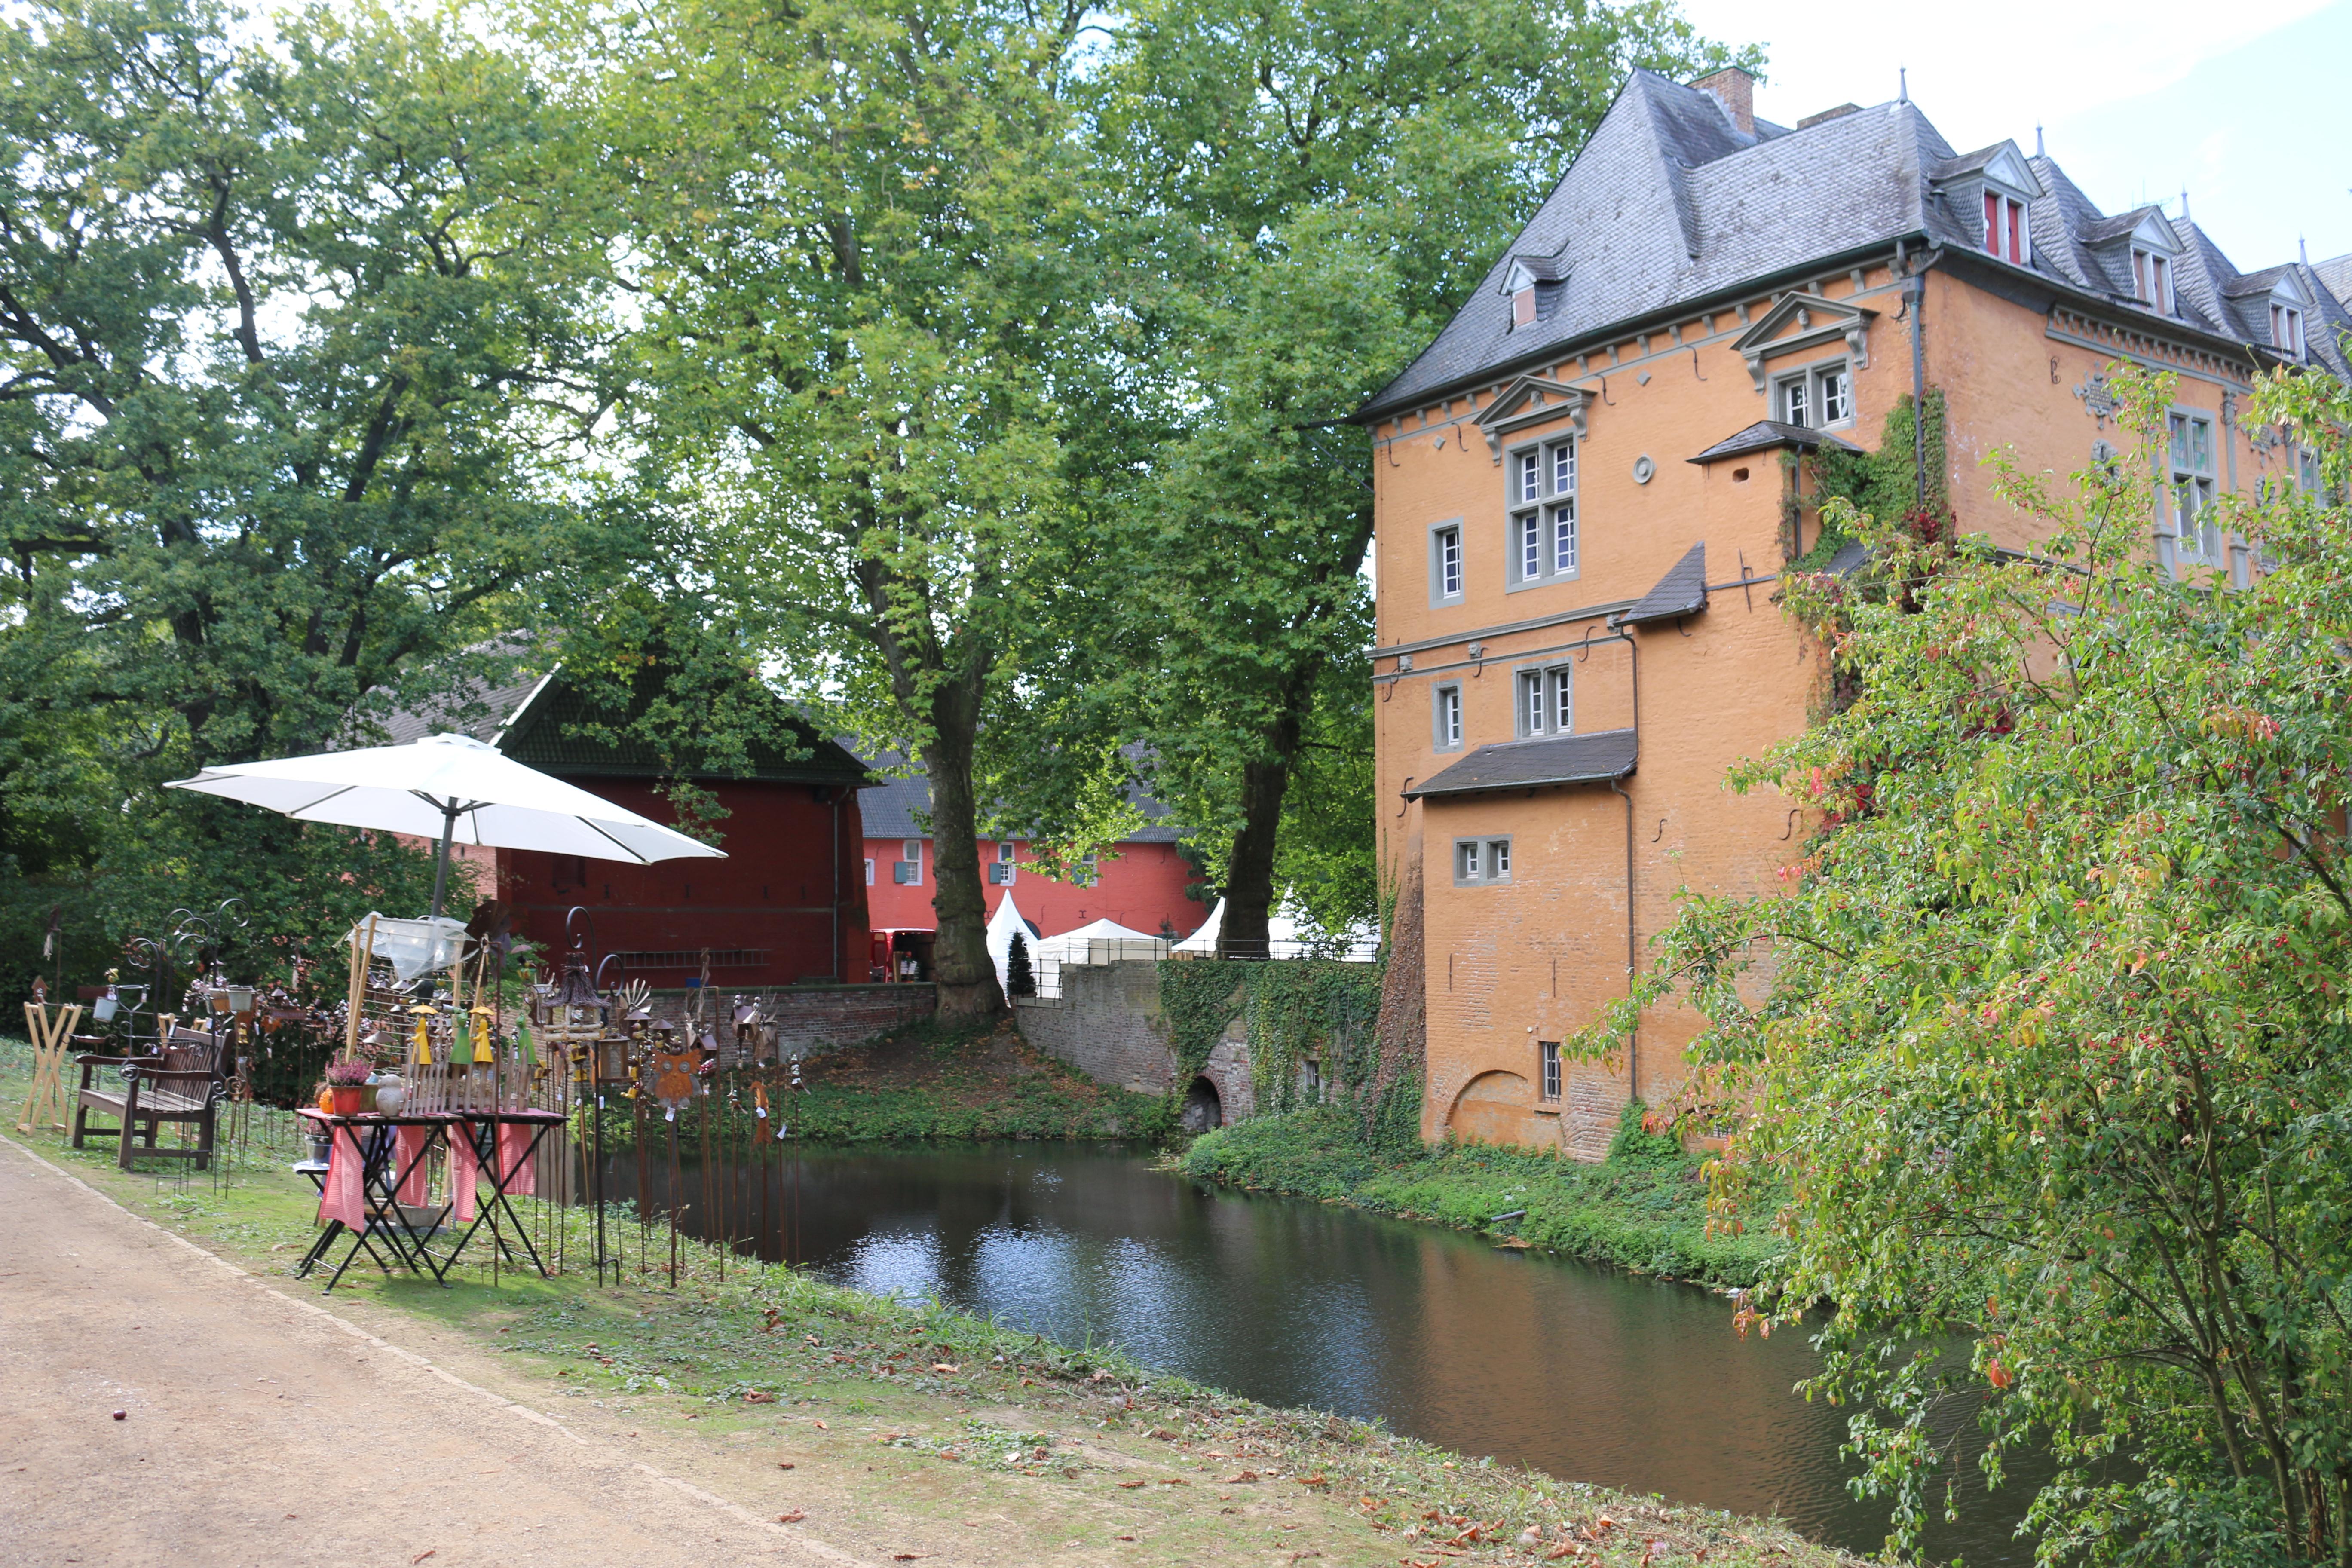 Gartenwelt in Schloss Rheydt